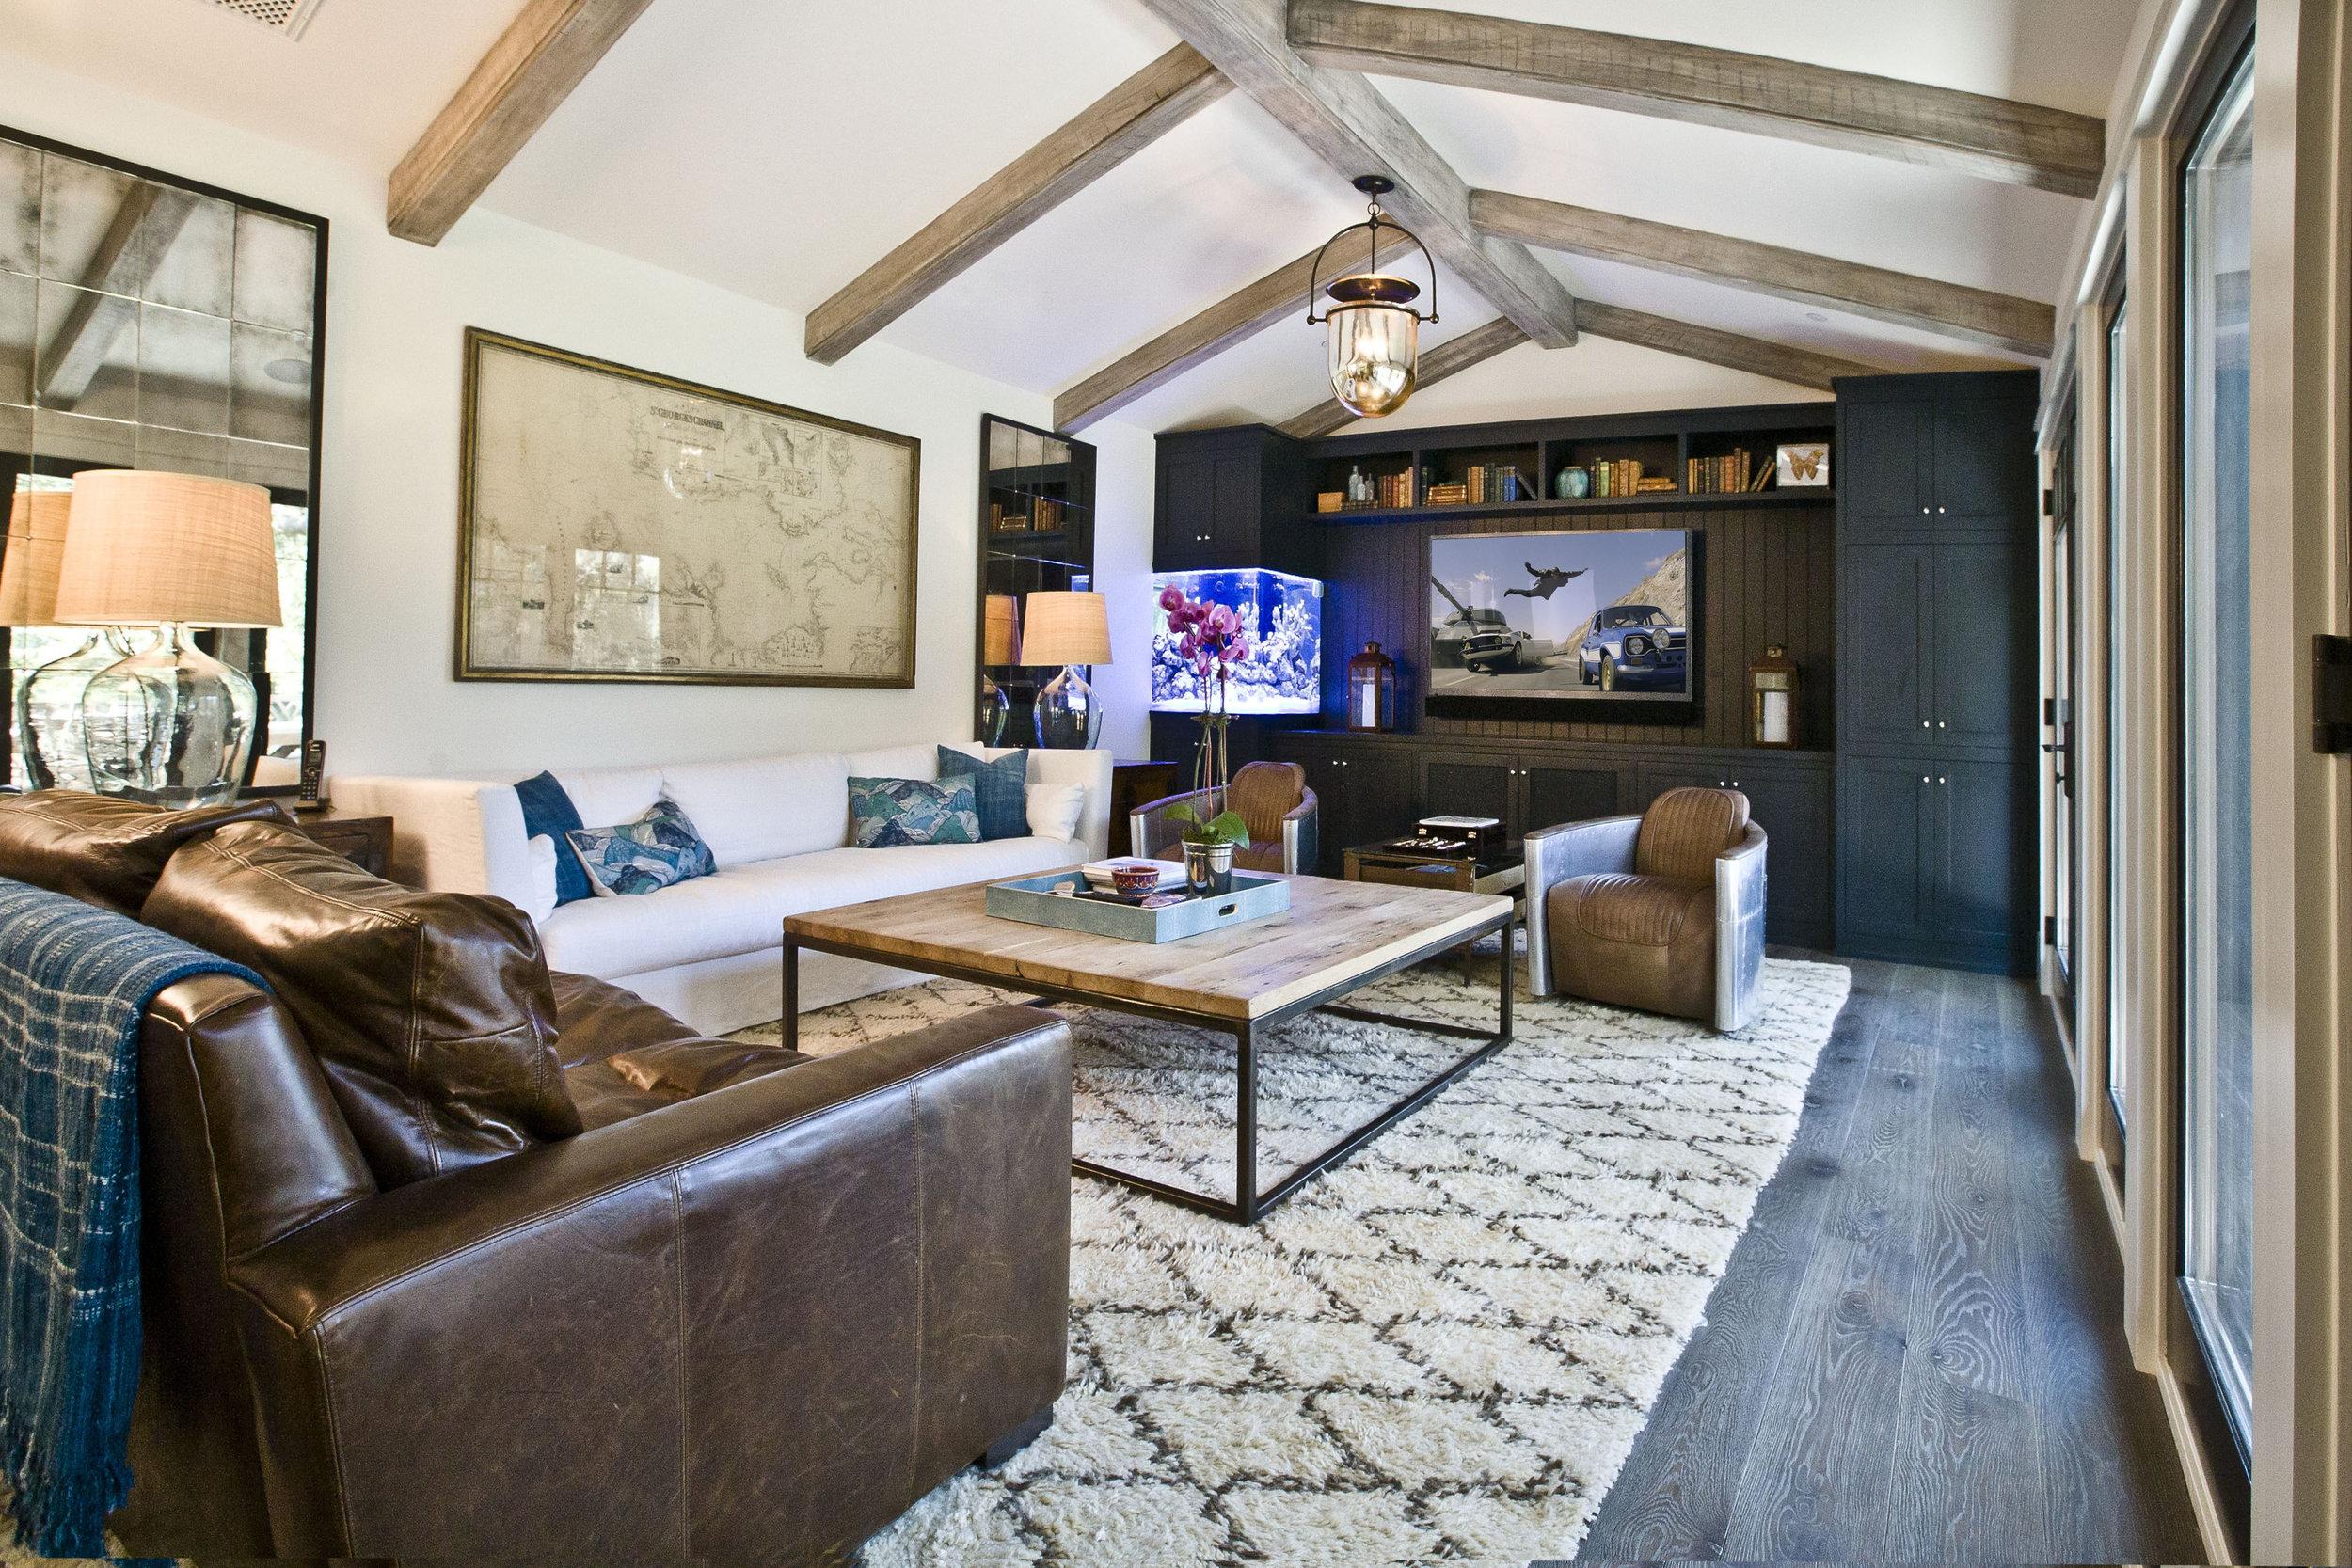 Chelsea-living-room-beamed-ceiling.JPG